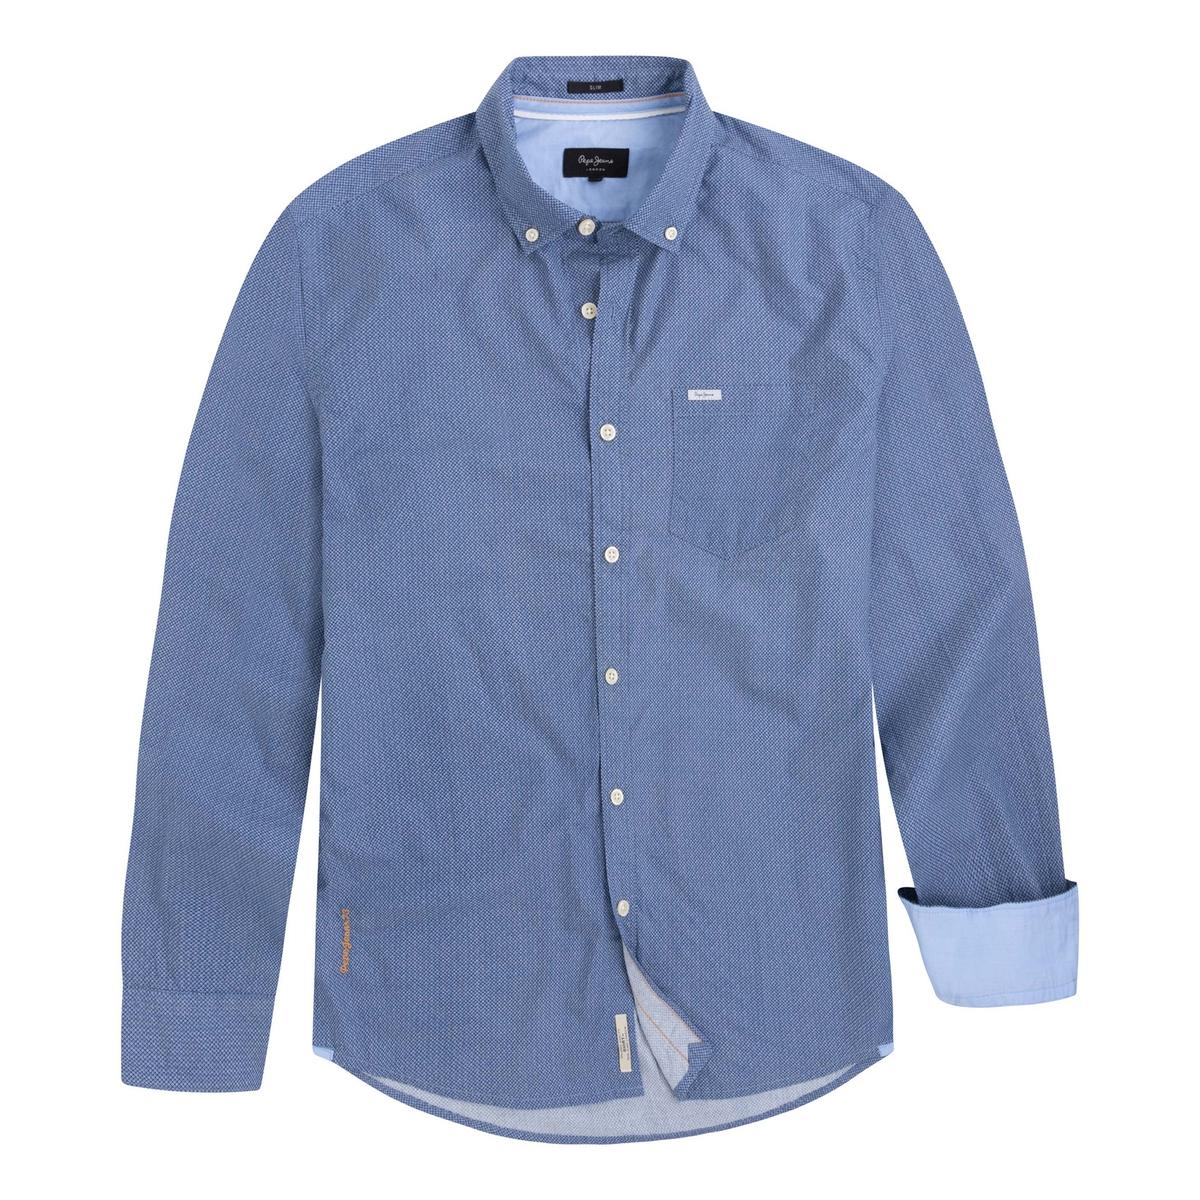 Camisa FAWDRY recta, 100% algodón de manga larga